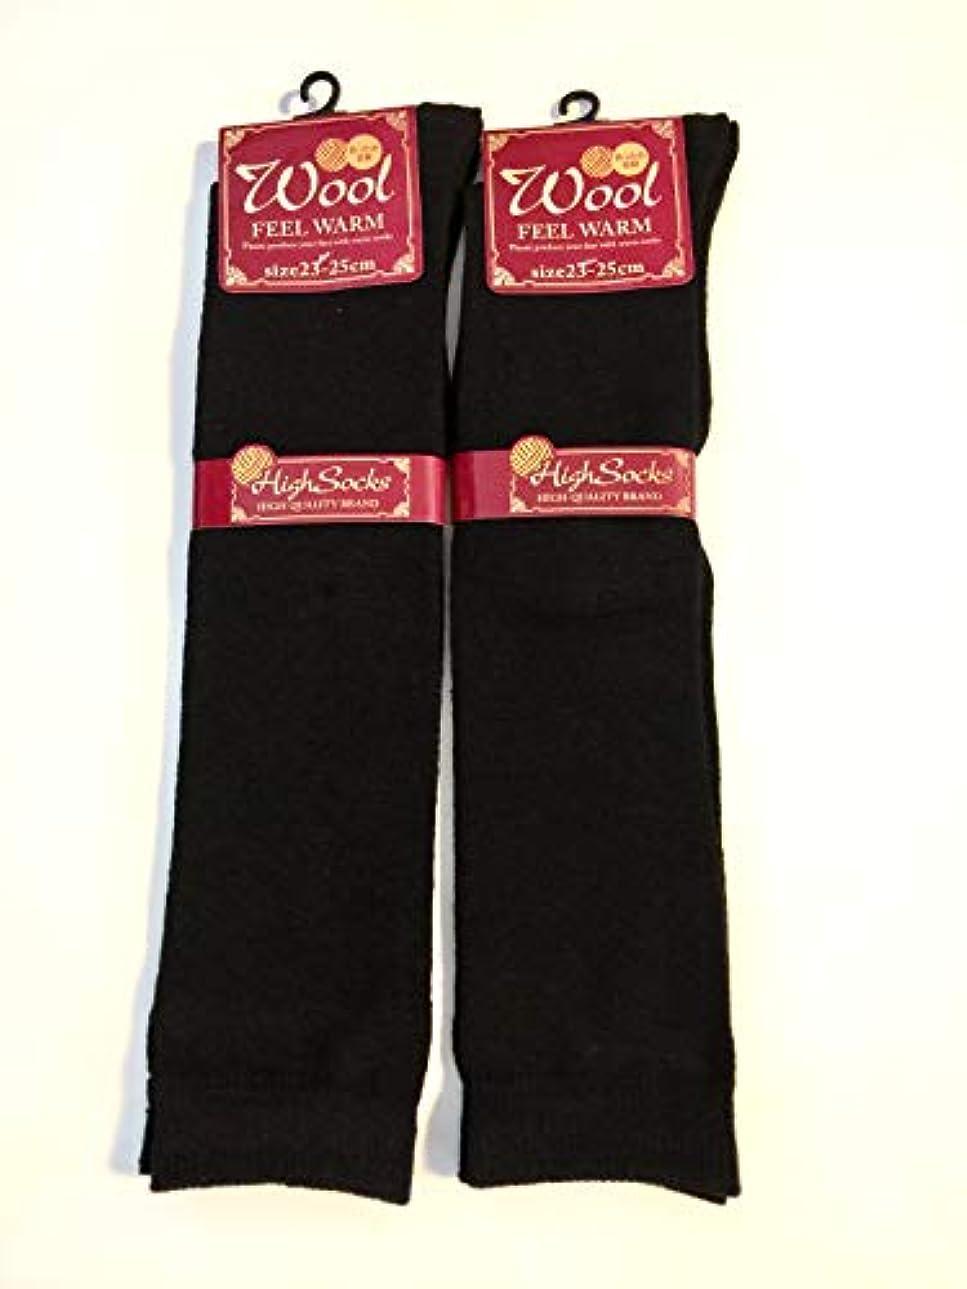 誘惑油キッチンハイソックス レディース 黒 あったか ハイソックス 女の子 毛混 23-25cm 黒色 2足組